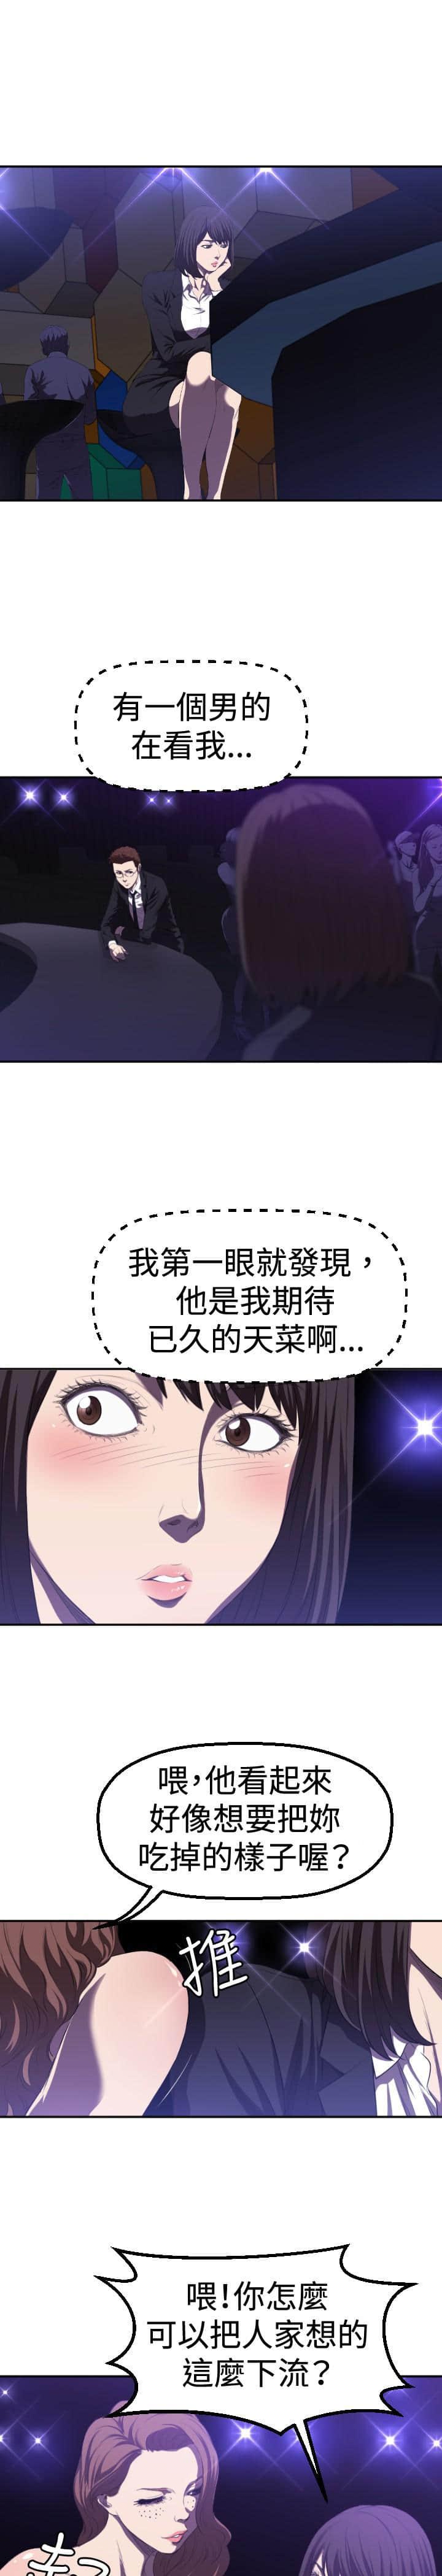 异界魔王召唤术第二季动漫免费观看2021今日韩国漫画